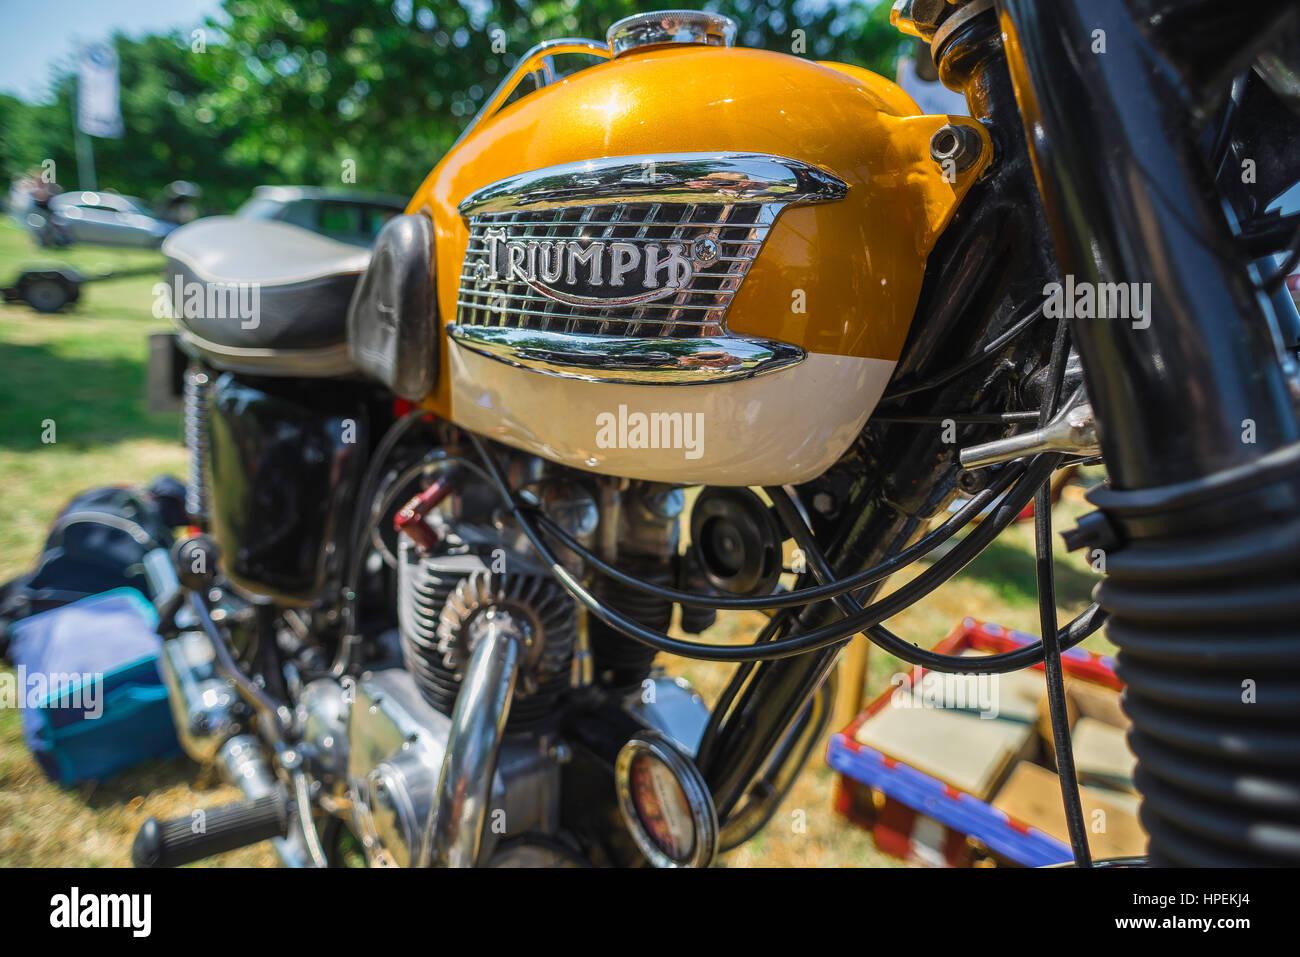 Triumph Bonneville Stock Photos Triumph Bonneville Stock Images